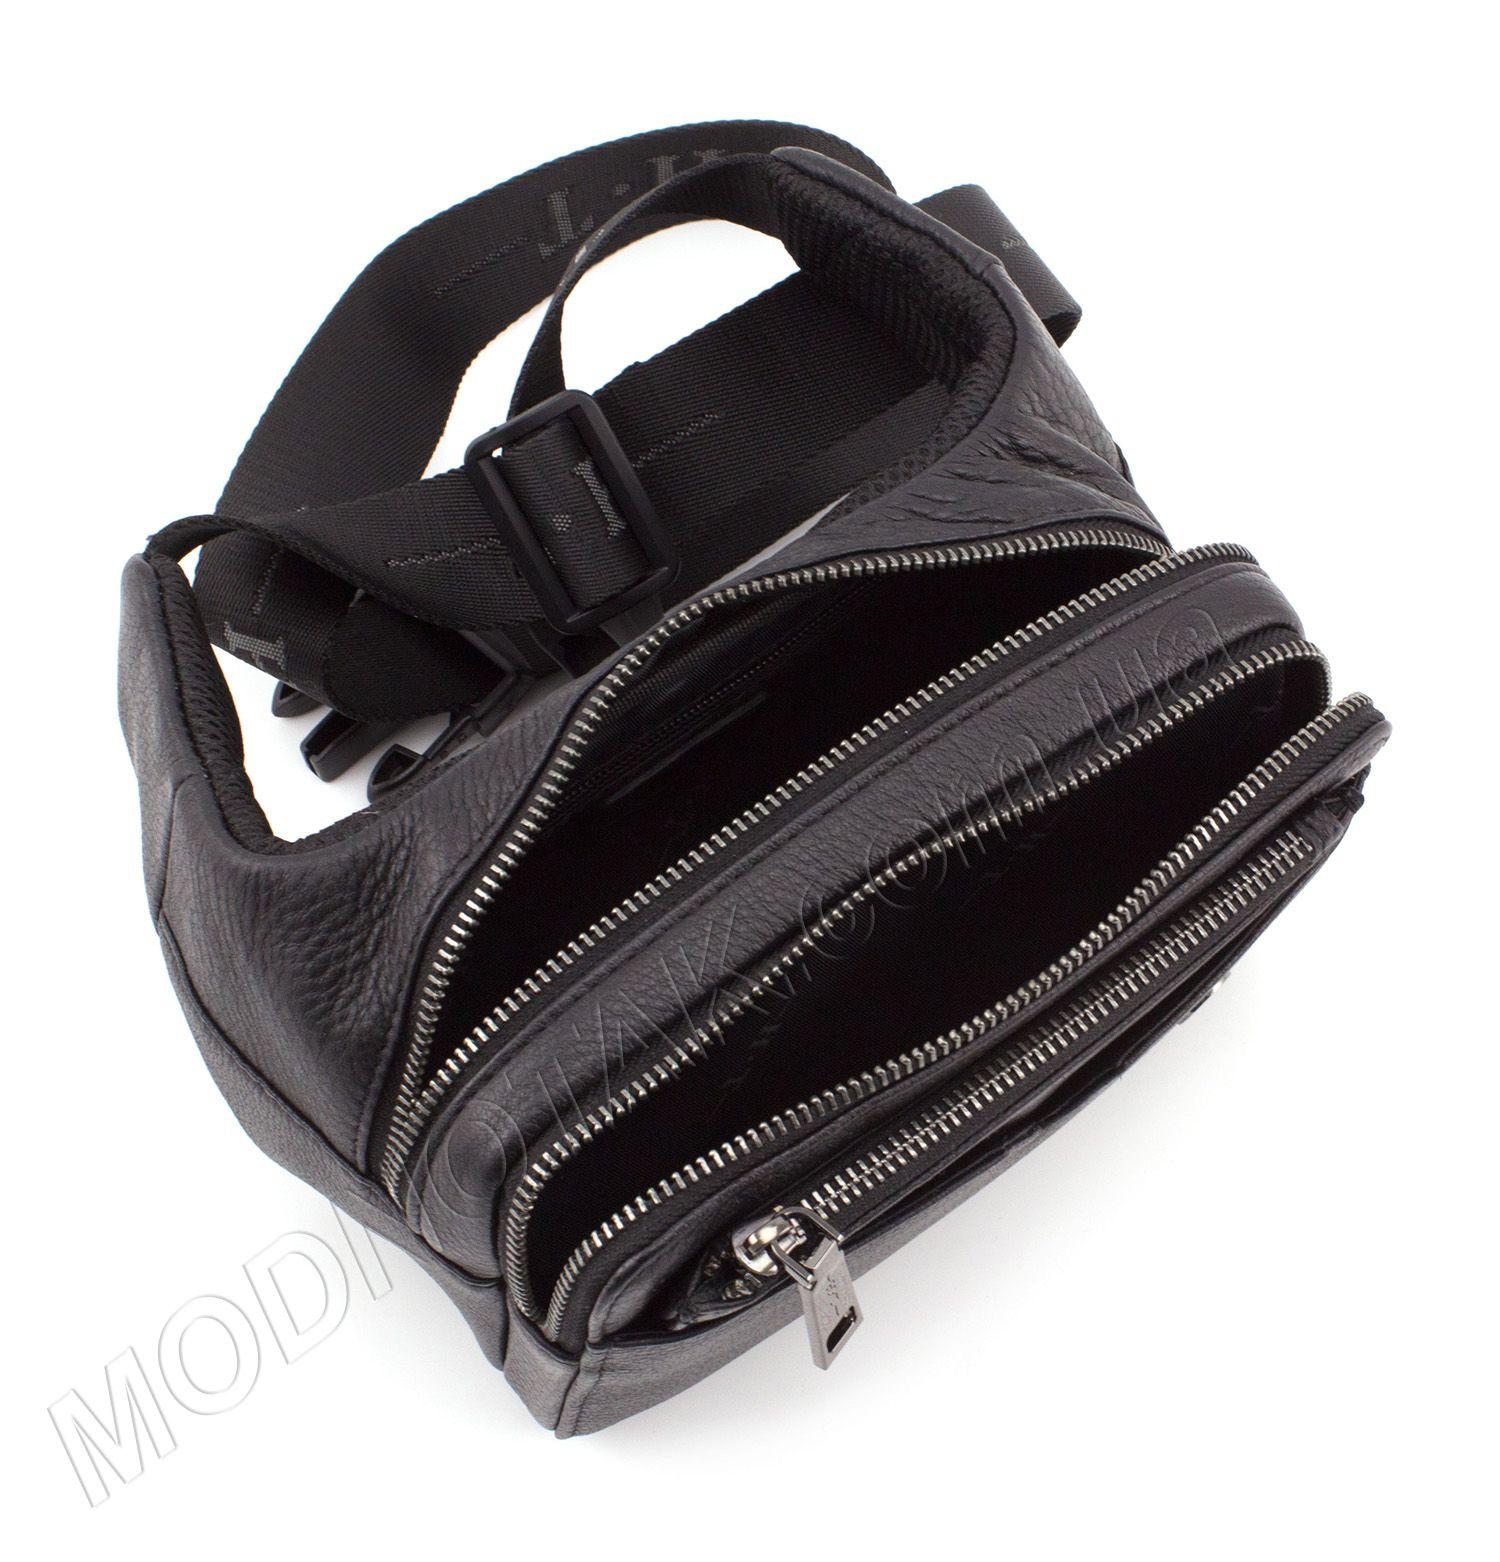 9ccc62e07073 Кожаная сумка бананка на пояс HT Leather: купить недорогую поясную ...